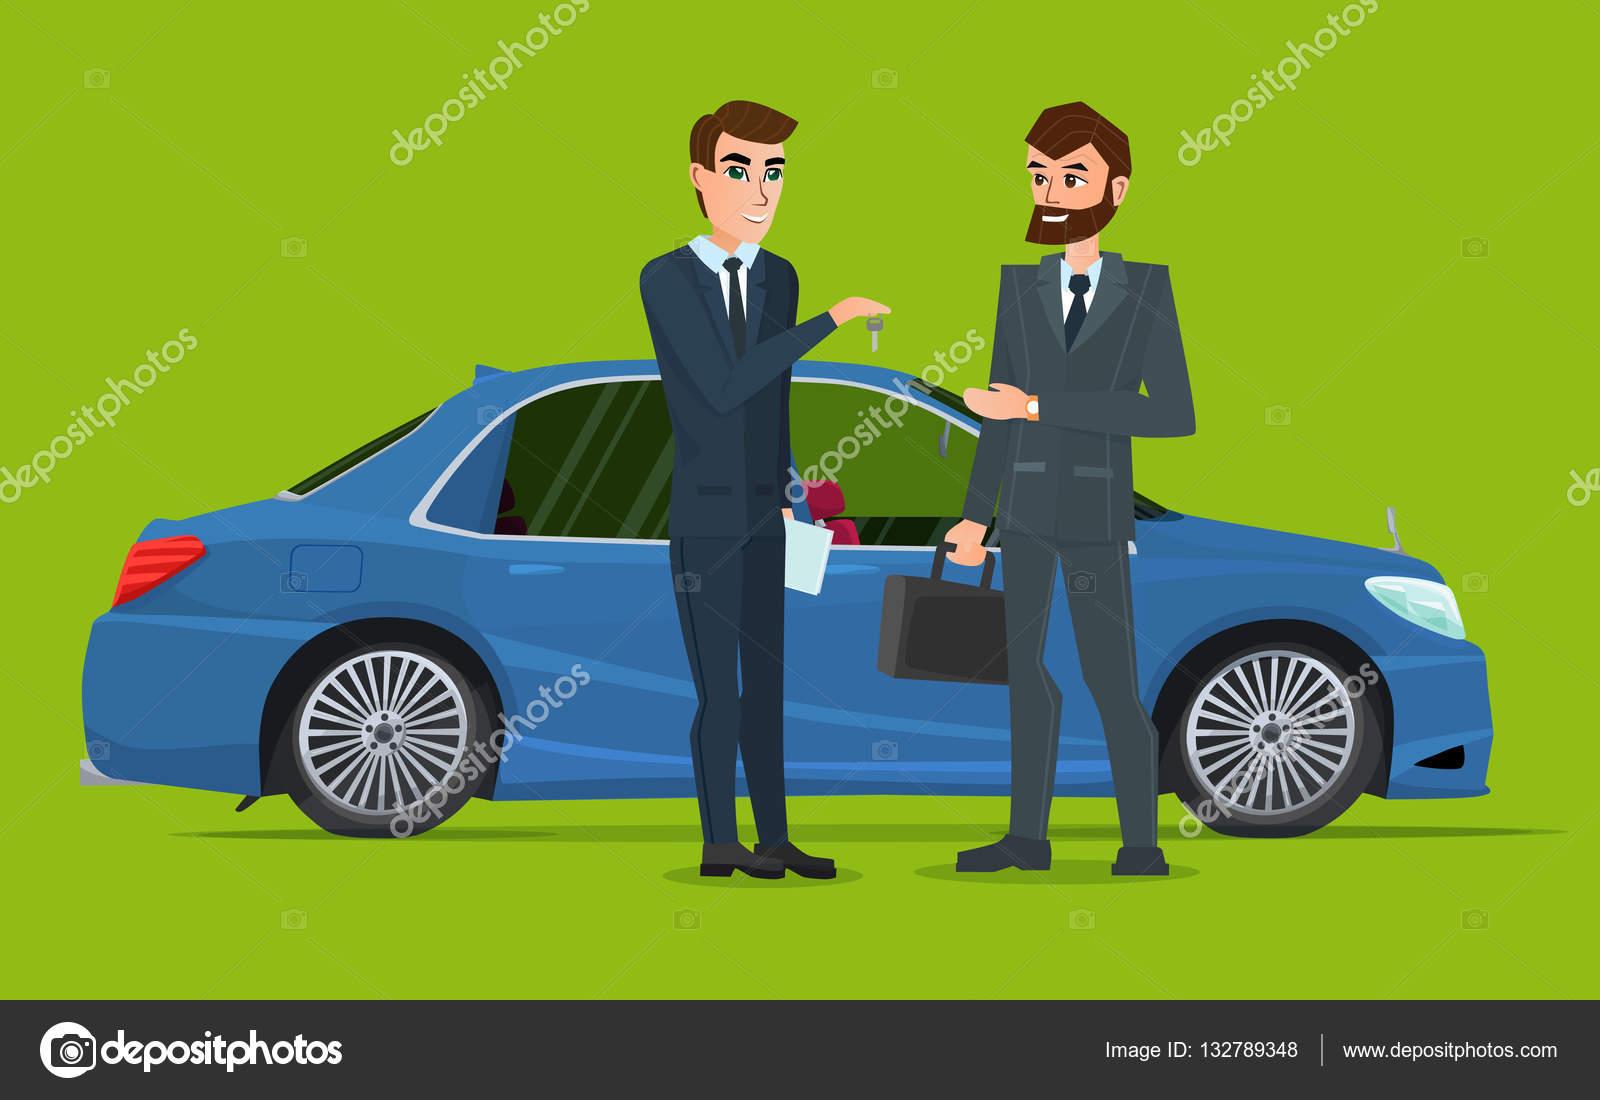 Ein Autoverkauf an anderen Menschen übergeben. Ein zeitgenössischer ...